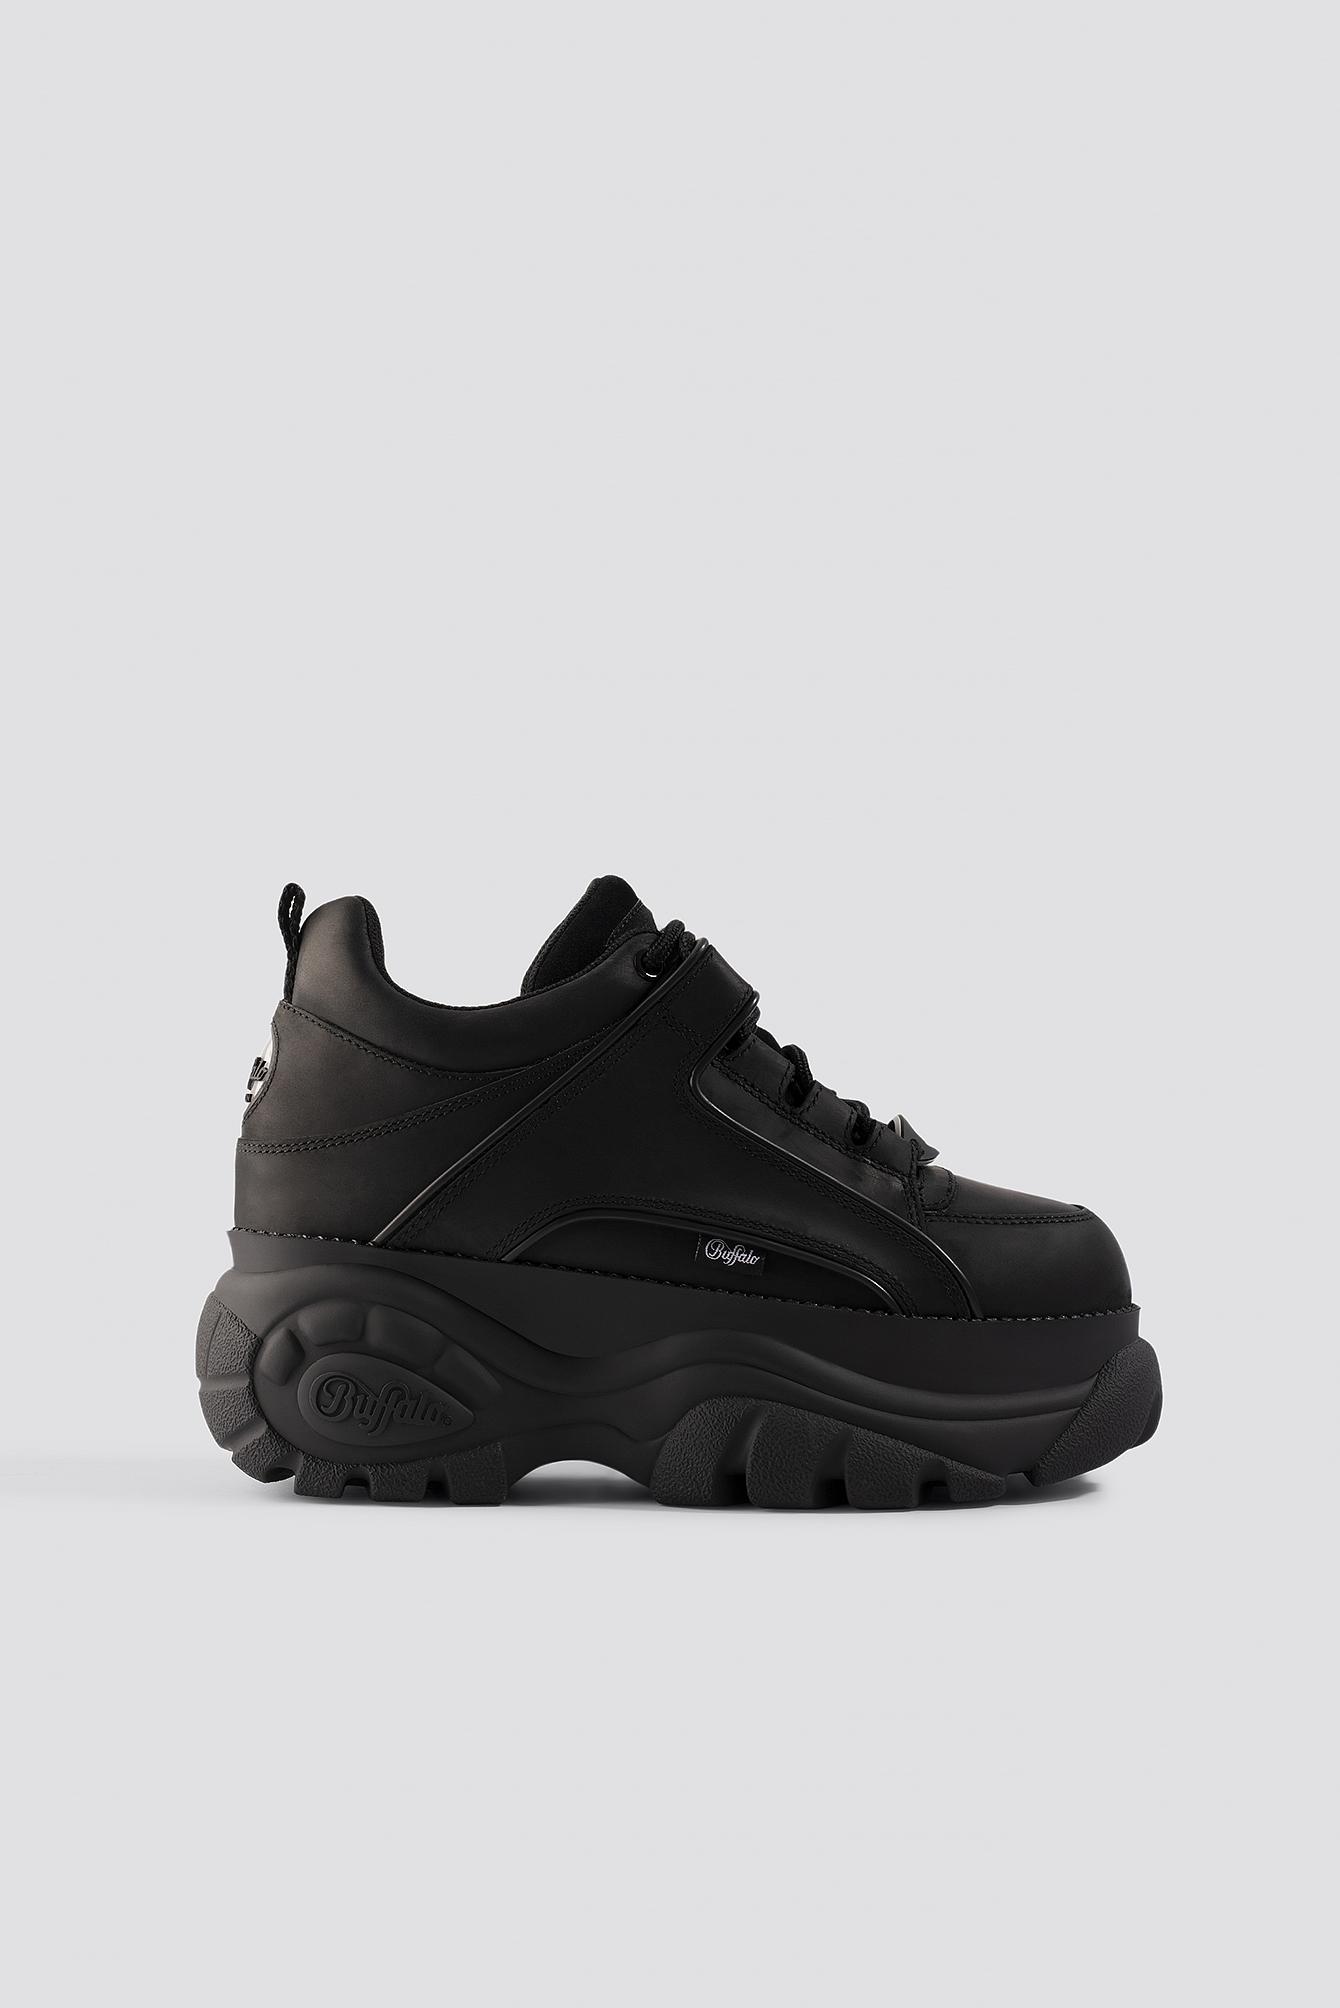 buffalo -  1339-14 Sneaker - Black